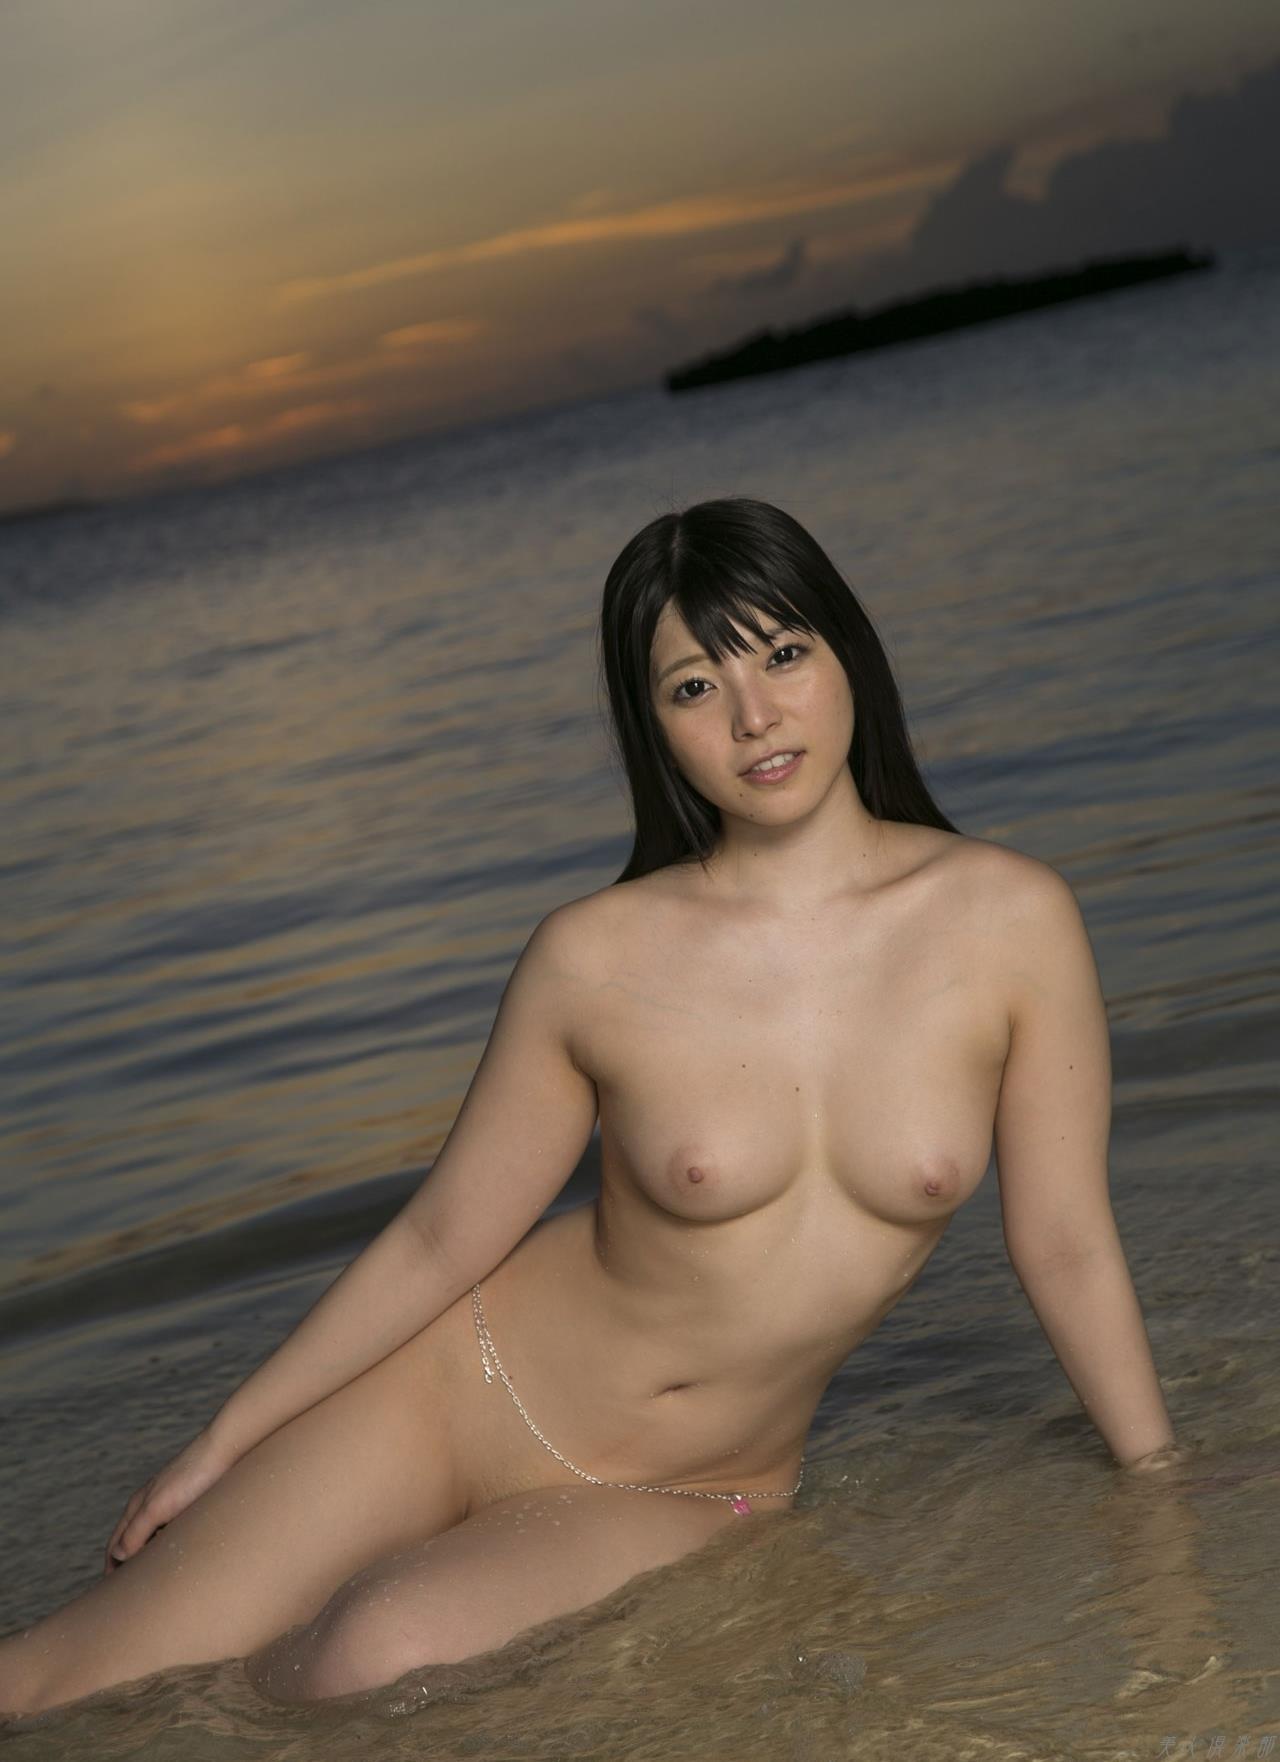 八束みこと、Kカップ爆乳でムチムチで色白の美少女がAVデビュー!